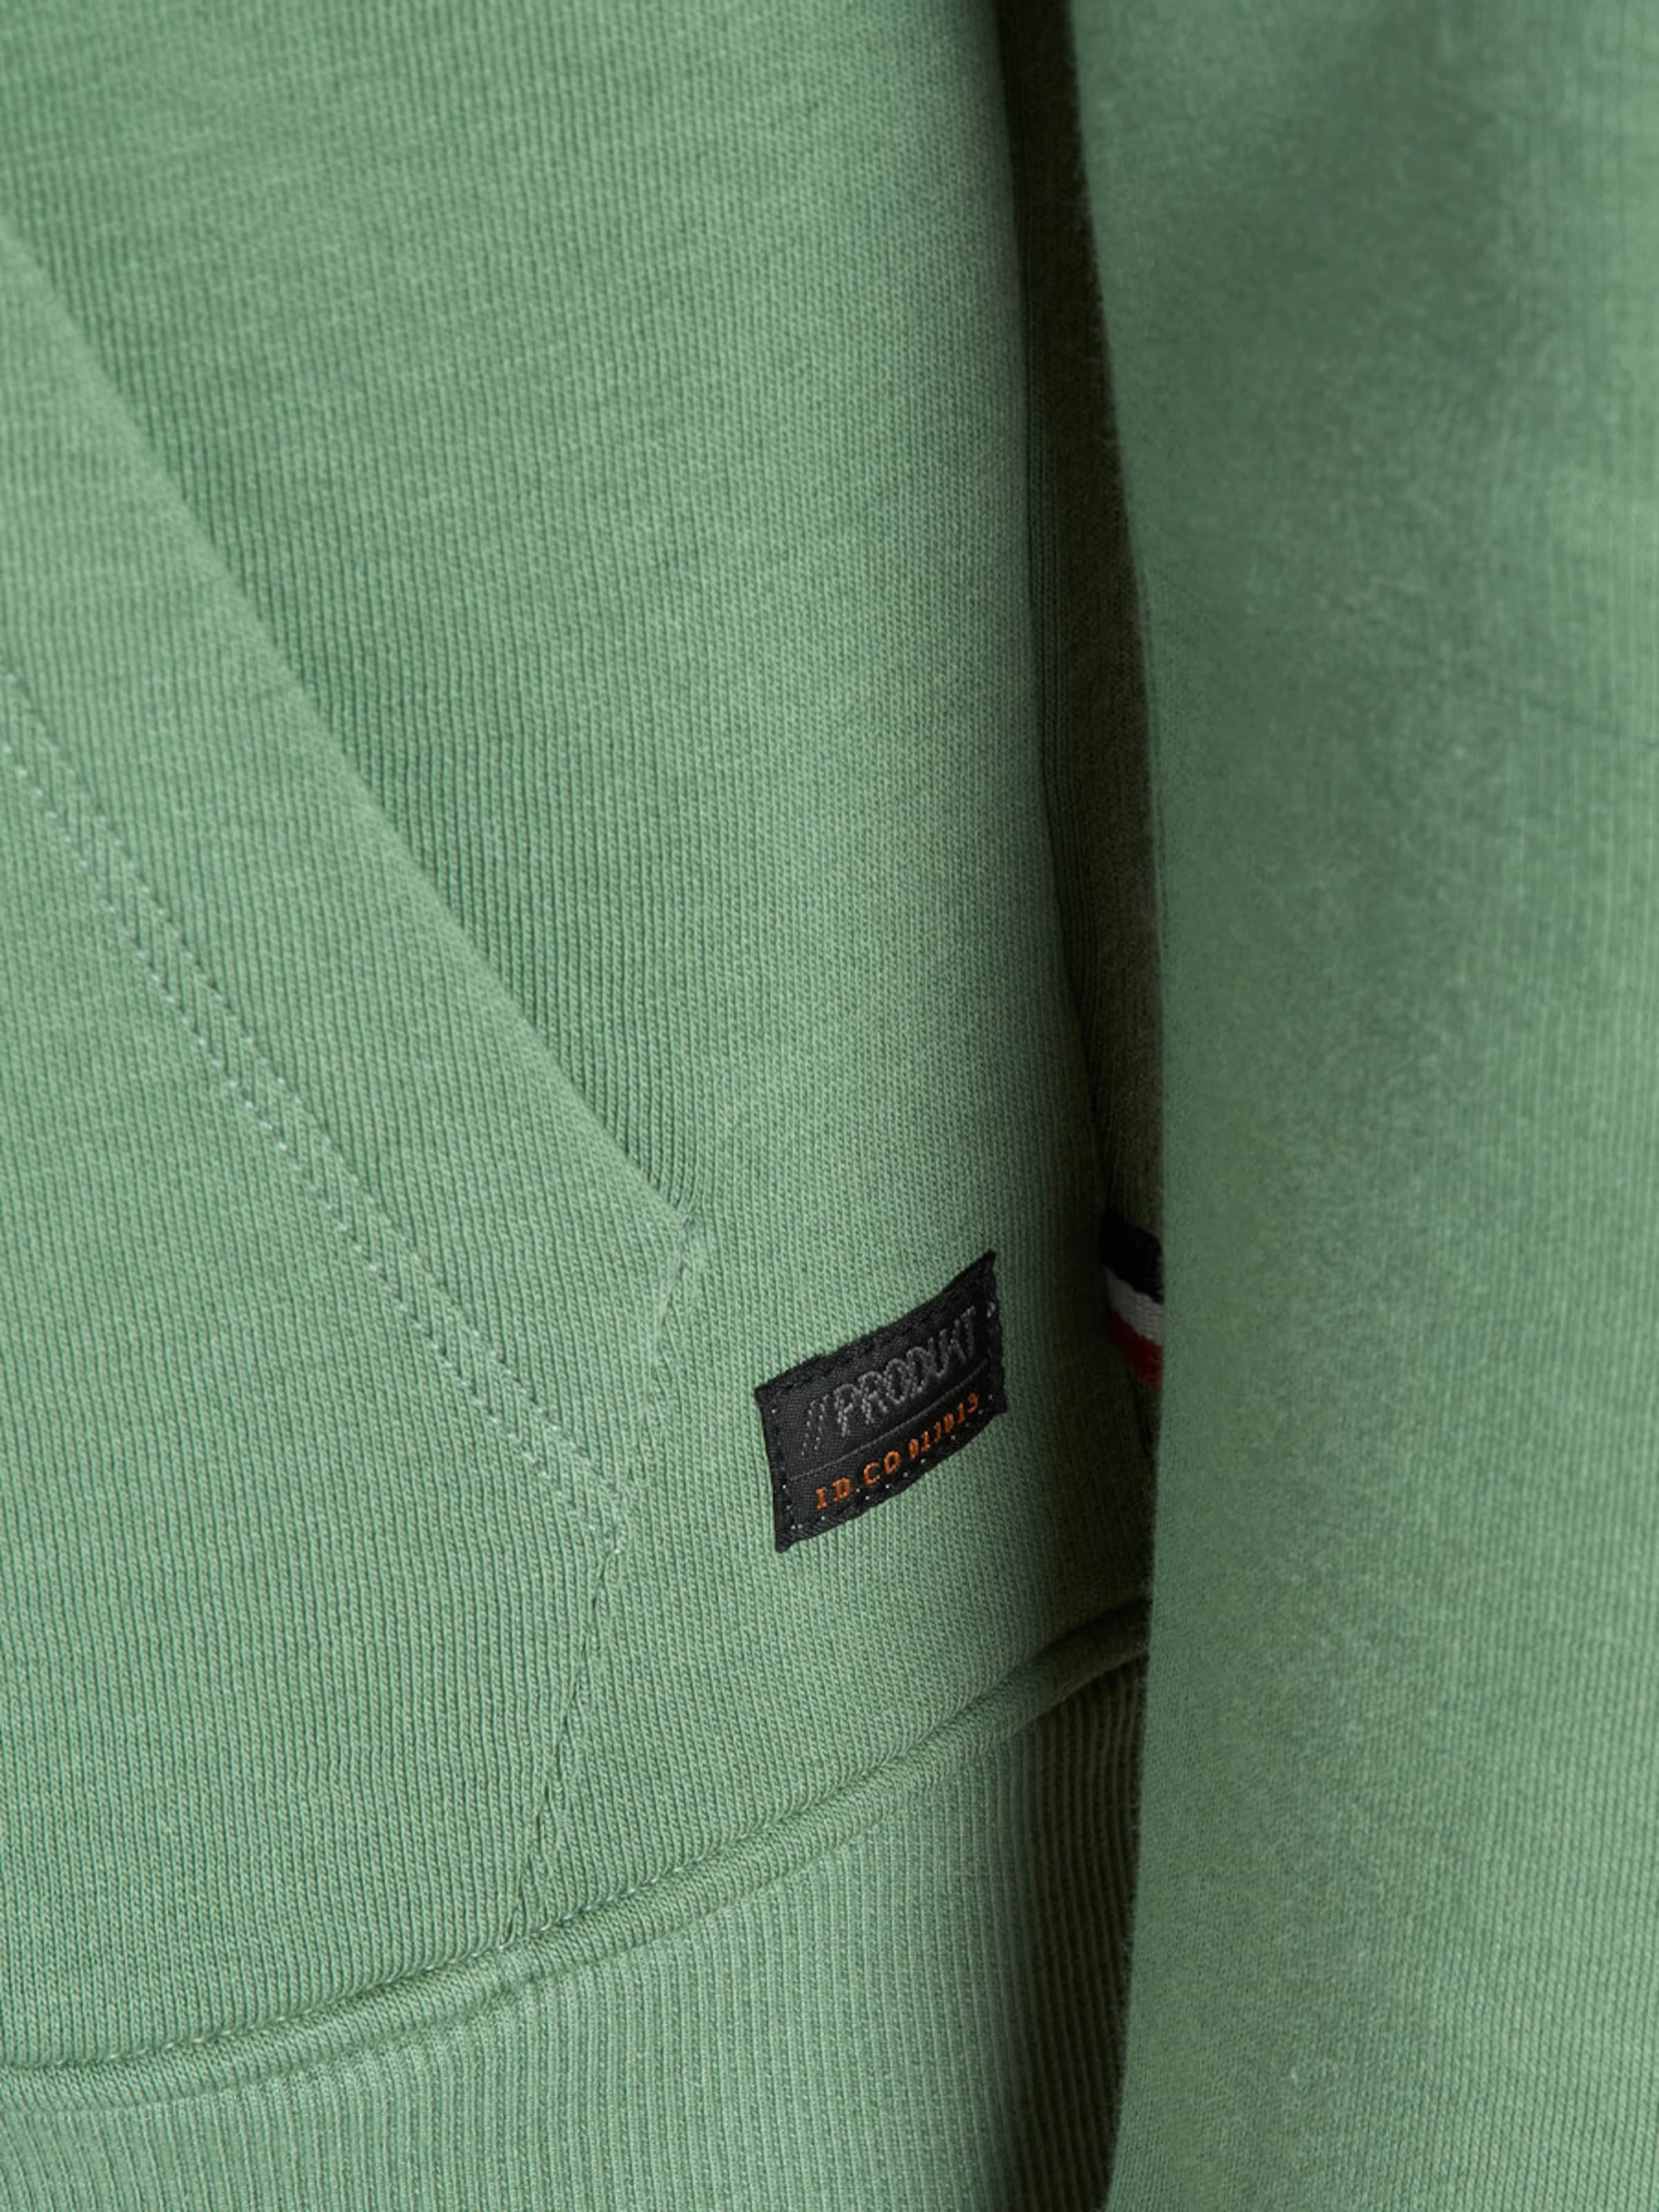 Billige Amazon Für Günstig Online Produkt Sweatshirt Reißverschluss Günstig Kaufen Neue Ankunft Discount Versandkosten Frei Mit Paypal YWIVykW